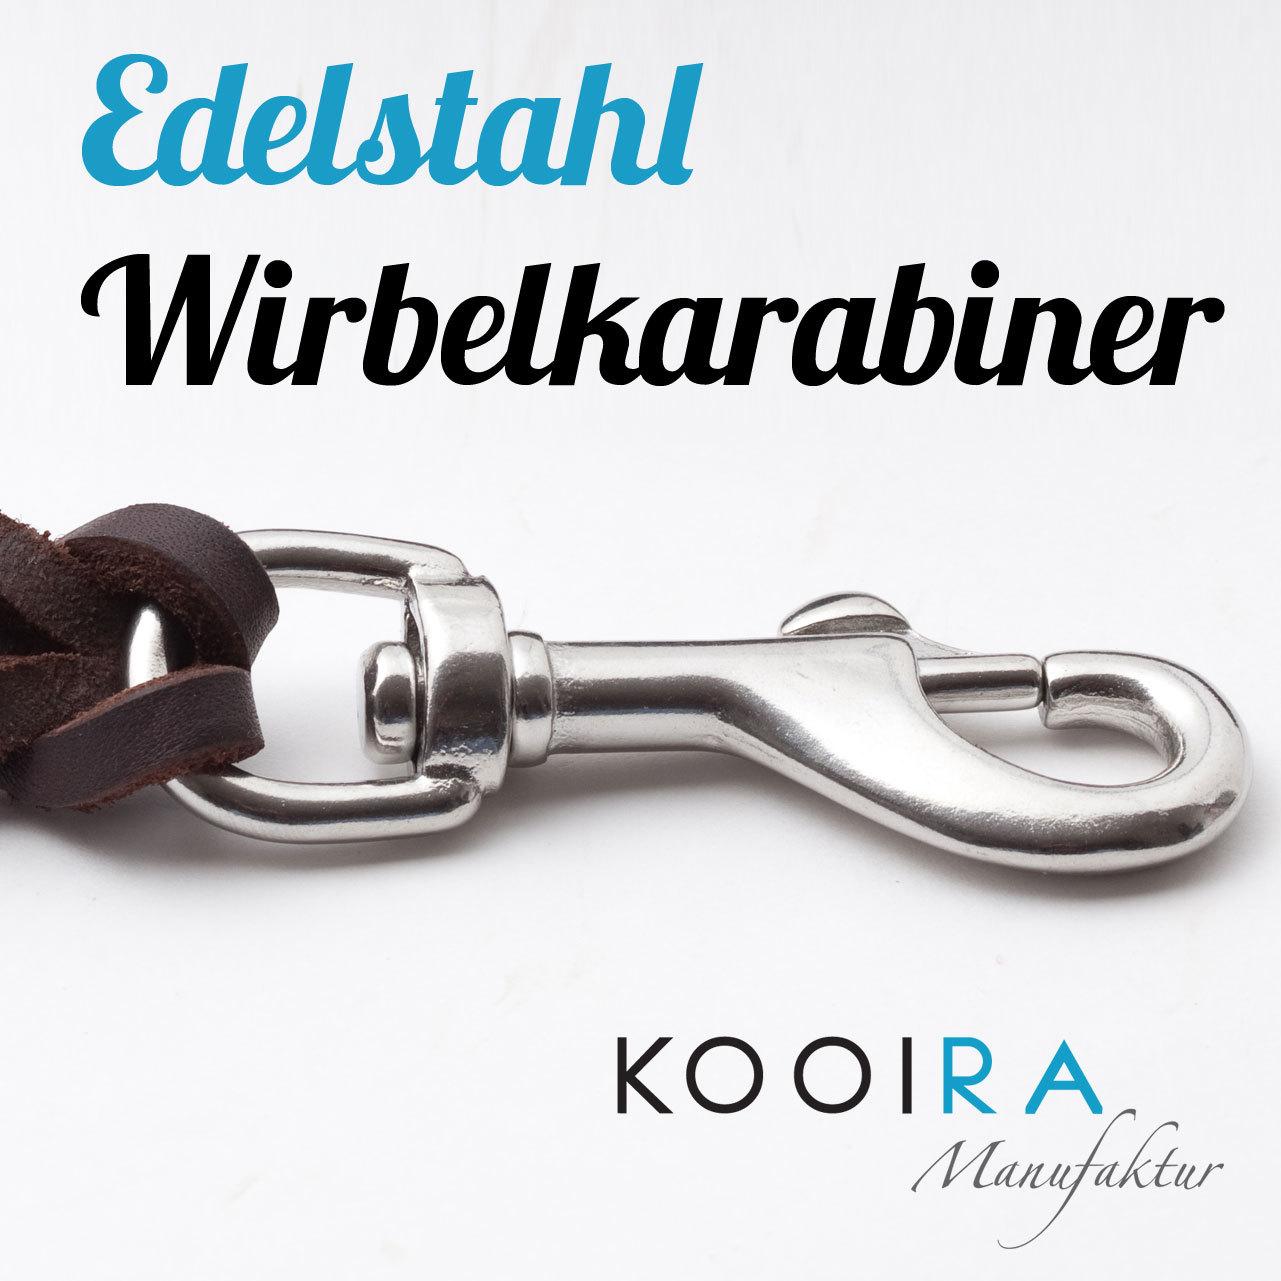 KOOIRA-Hundeleinen-Verschluss-Edelstahl-Wirbelkarabiner-Drehkarabiner